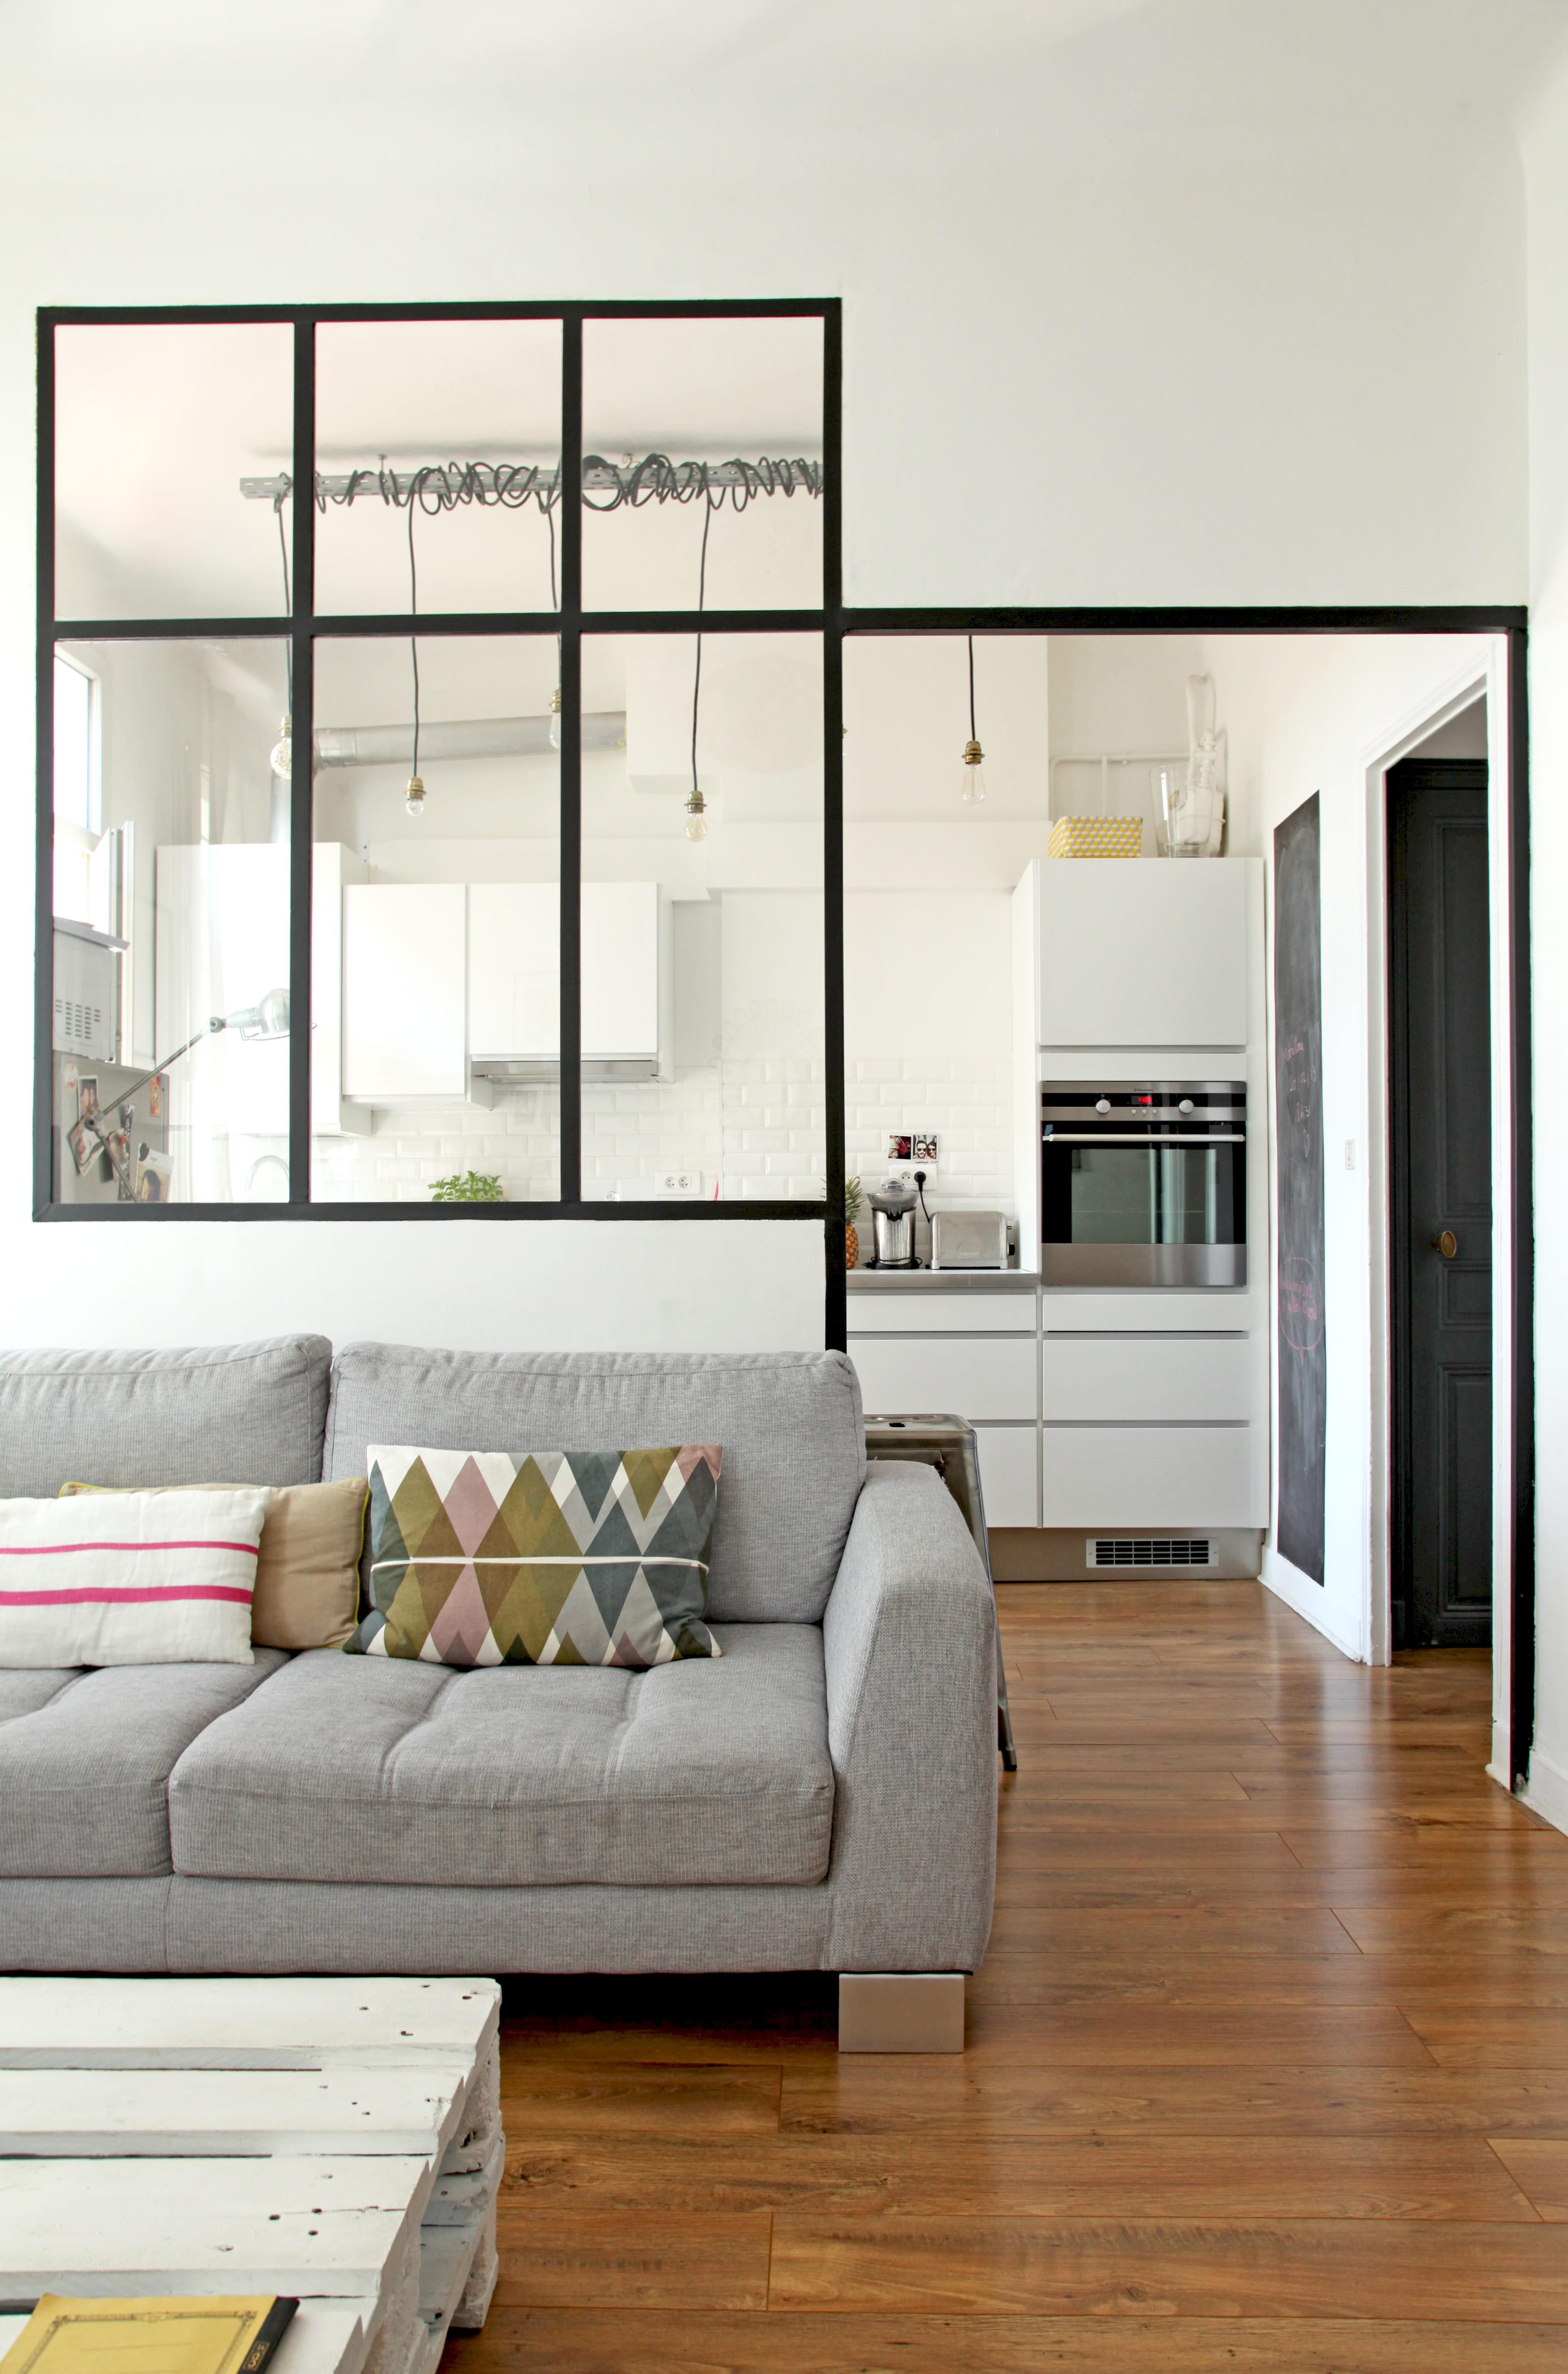 Comment décorer et aménager un appartement en rez-de-chaussée sur cour ?